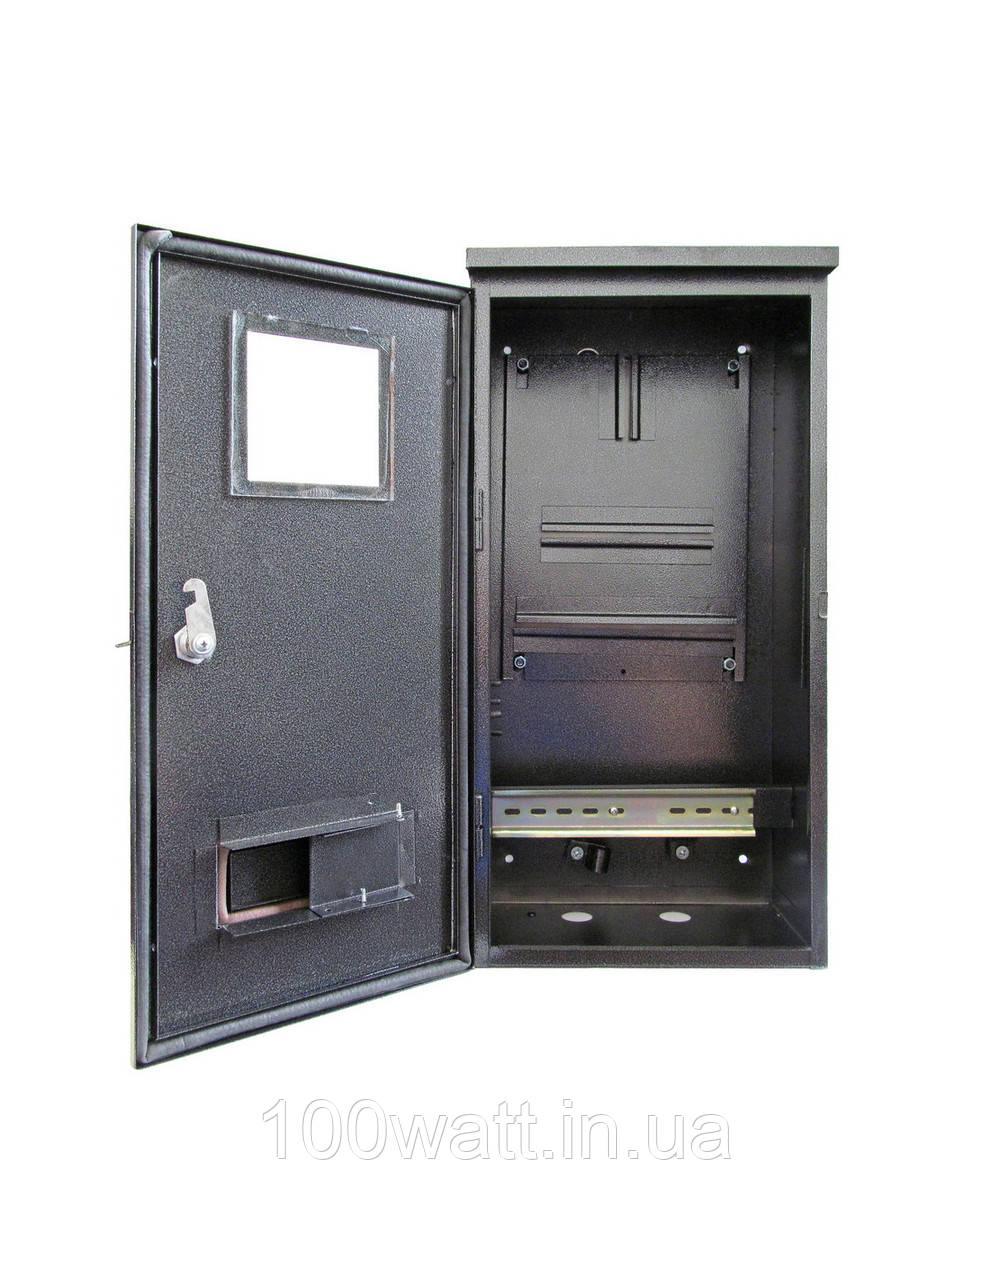 Щит металевий накладної ШМР-3Ф для 3 фазного лічильника і 6 модулів герметичний вуличний